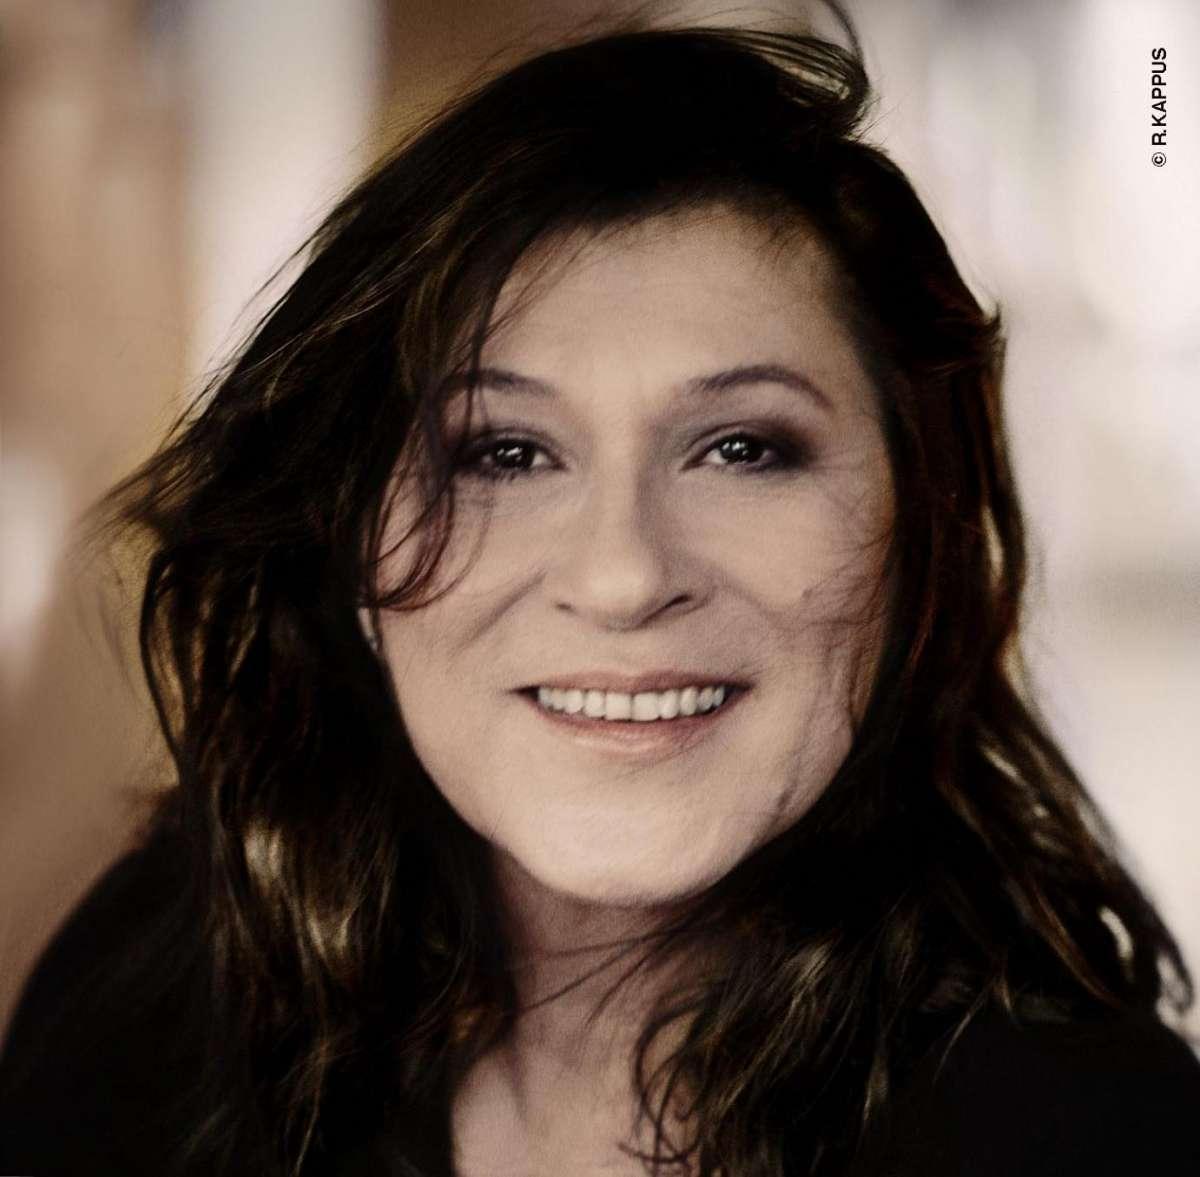 WIRD VERLEGT! Meine geniale Freundin (Originaltitel: L'amica geniale) - Eva Mattes (Lesung) & Etta Scollo (Musik)  - Stadthalle  - Beverungen